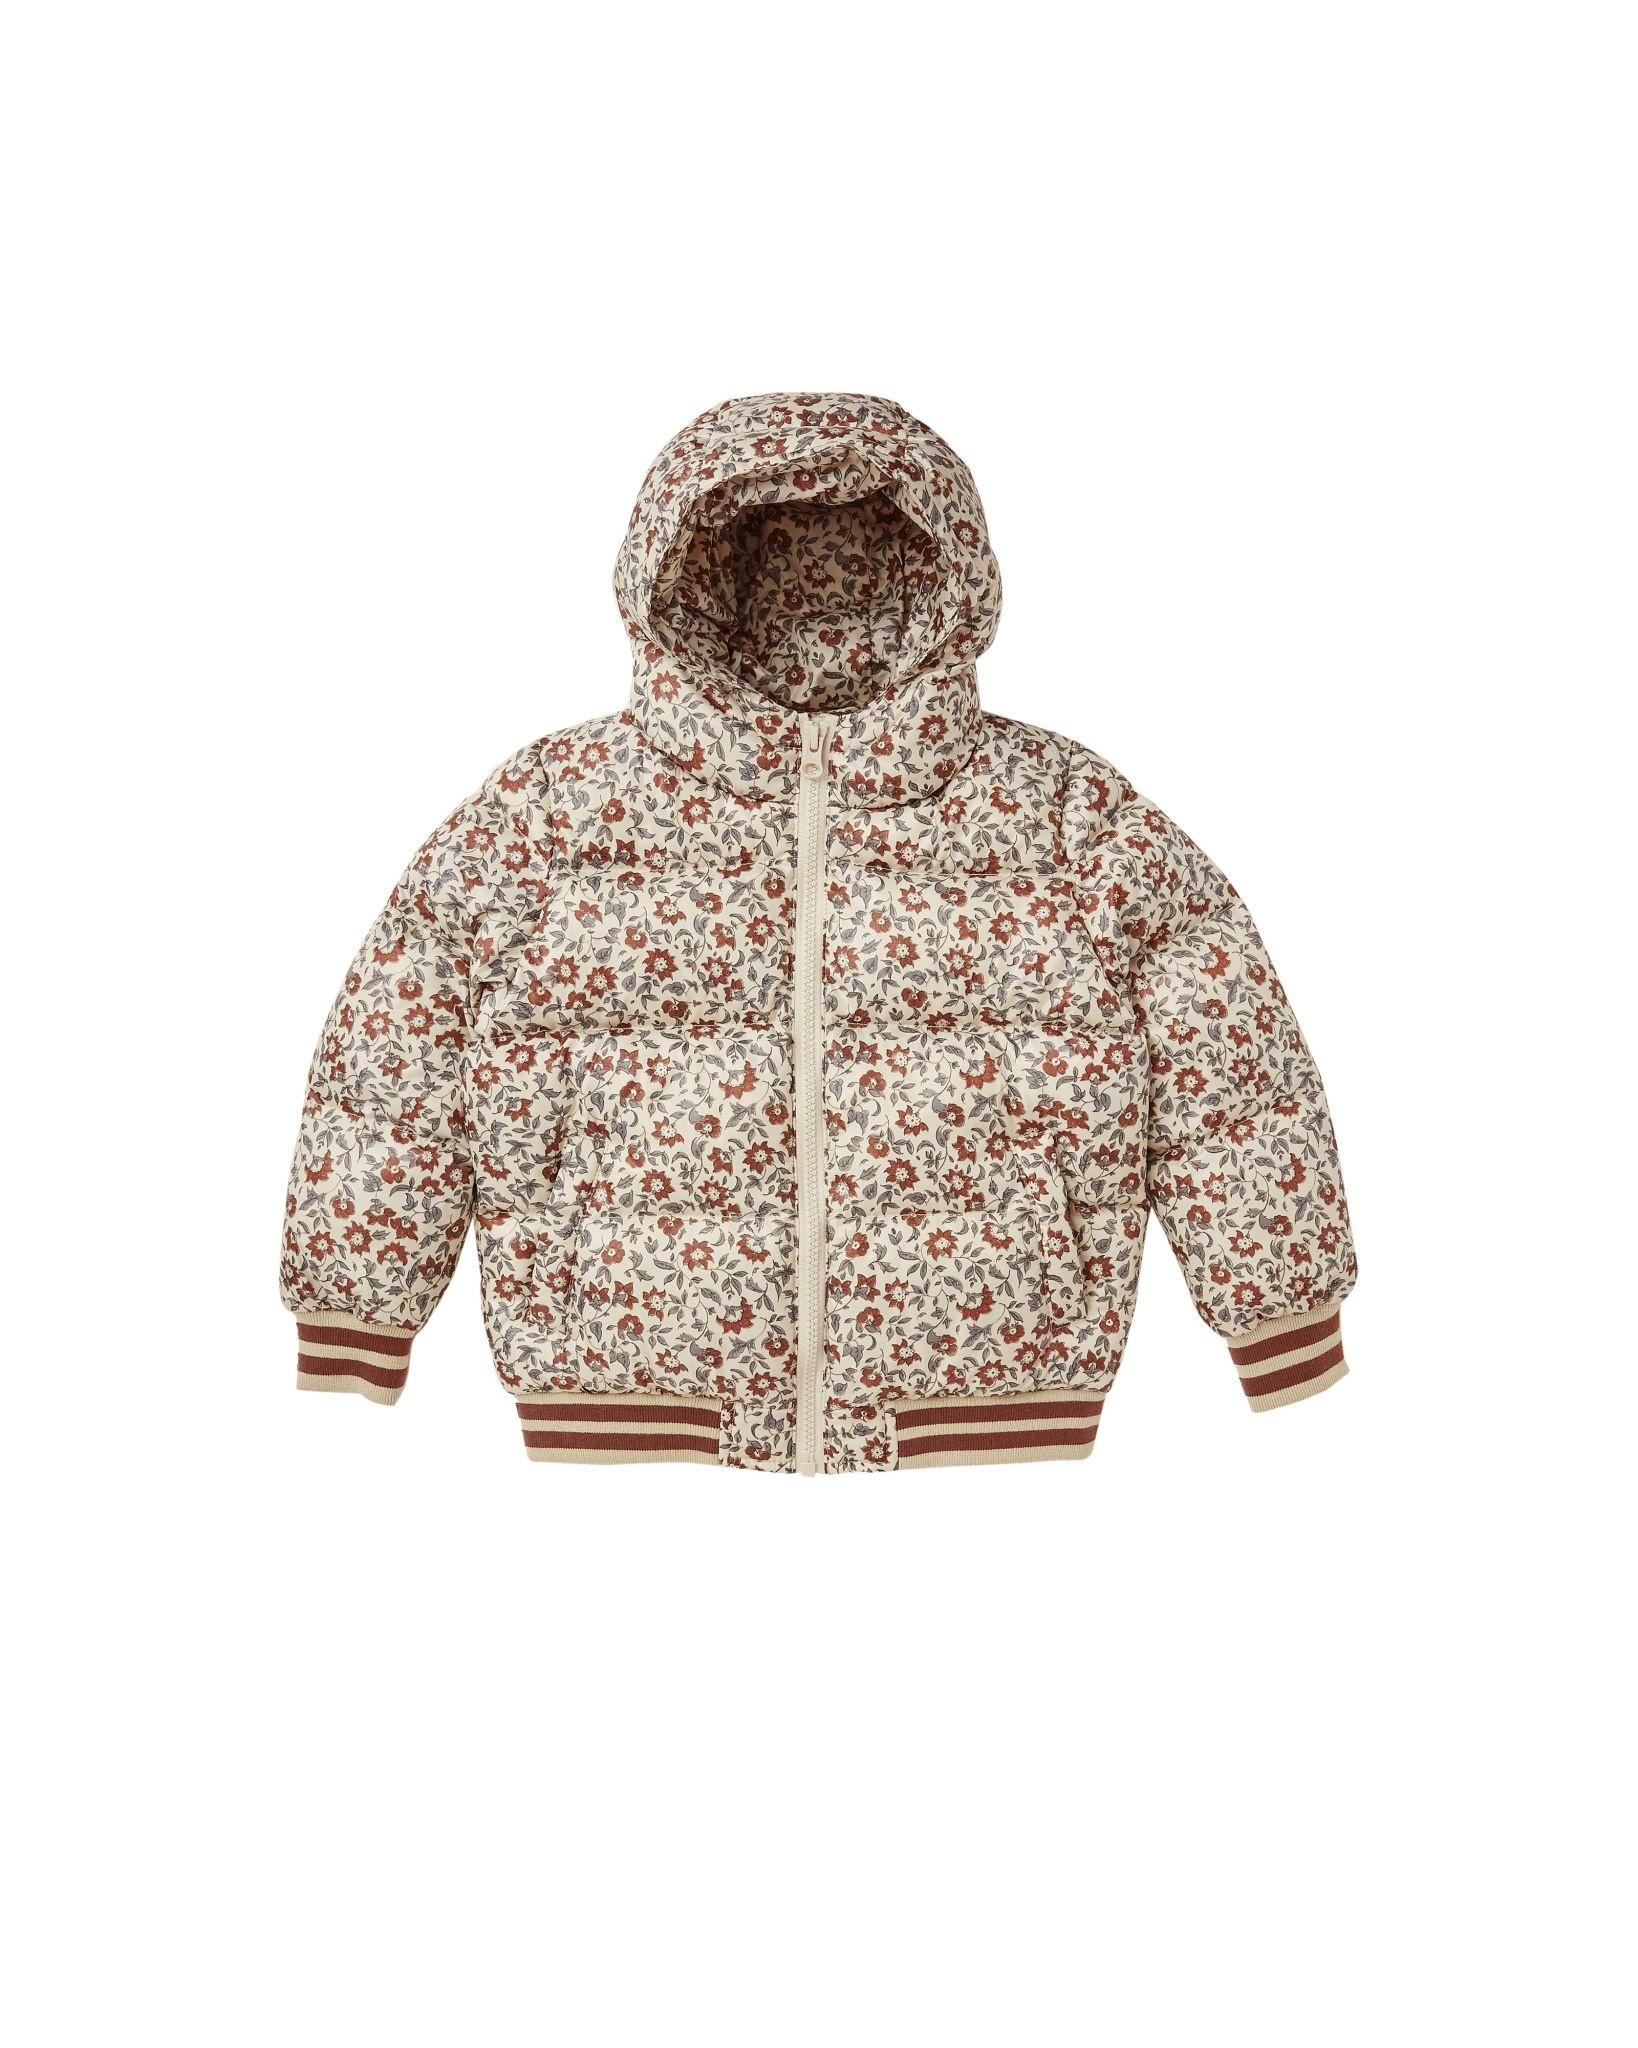 Rylee and Cru Rylee & Cru Vintage Floral Puffer Jacket